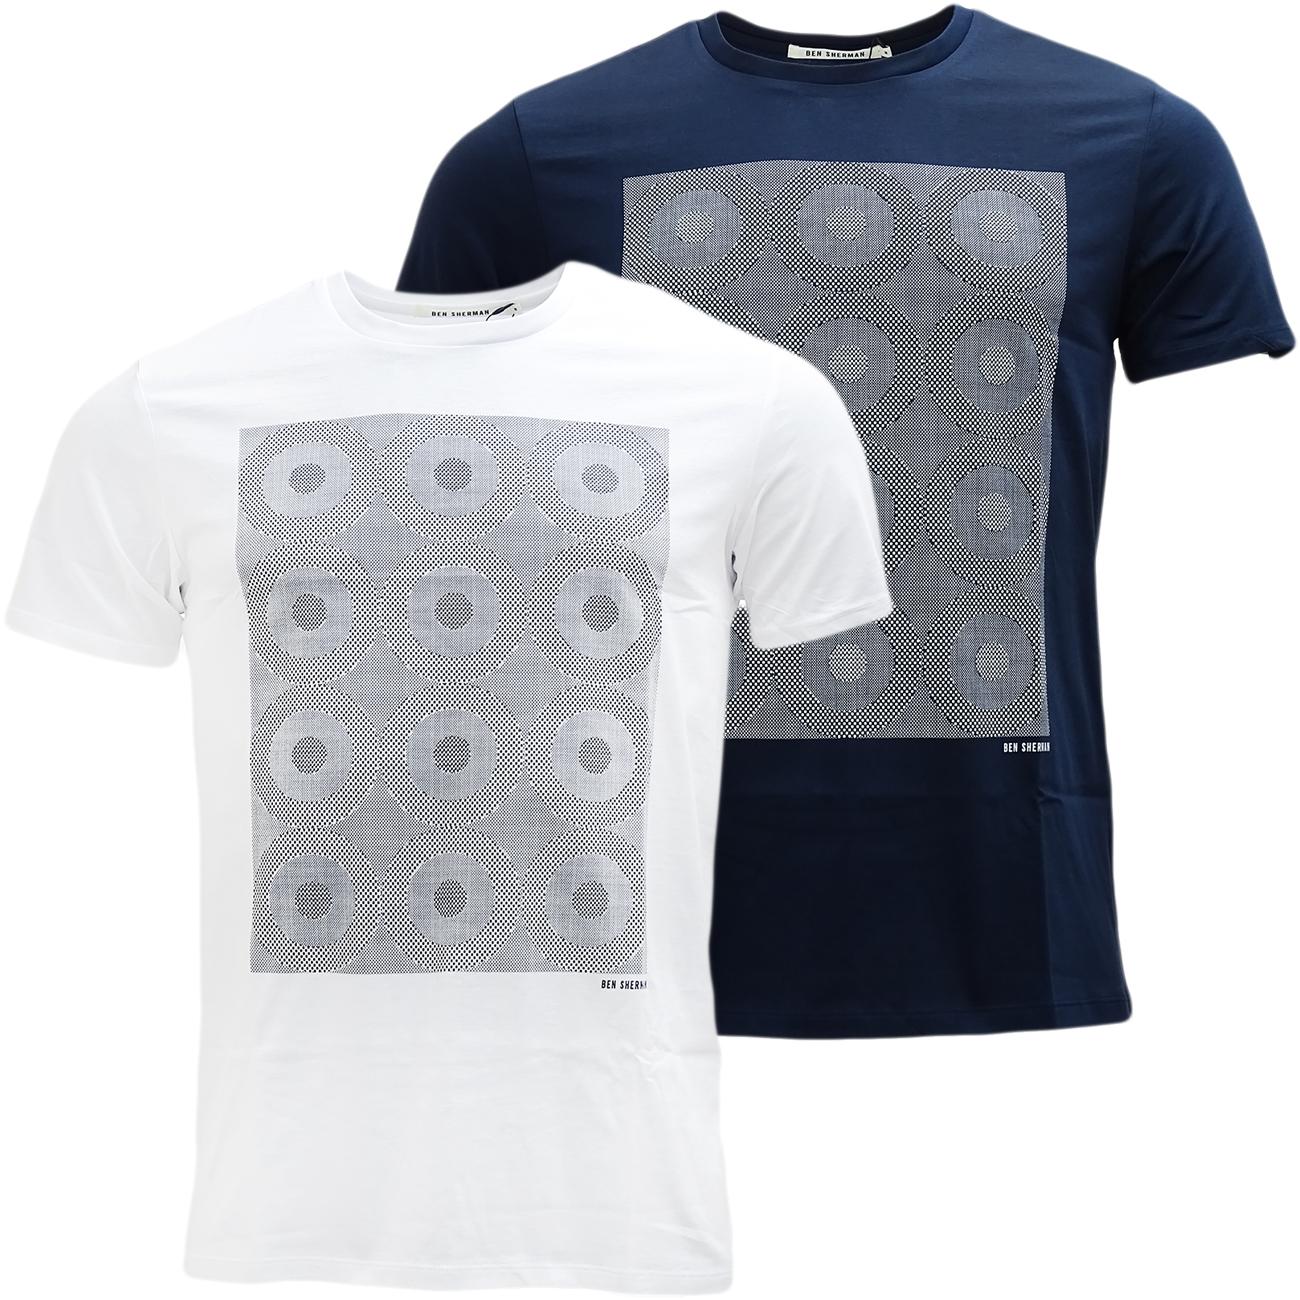 Ben Sherman Target Squares T Shirt - MB13084